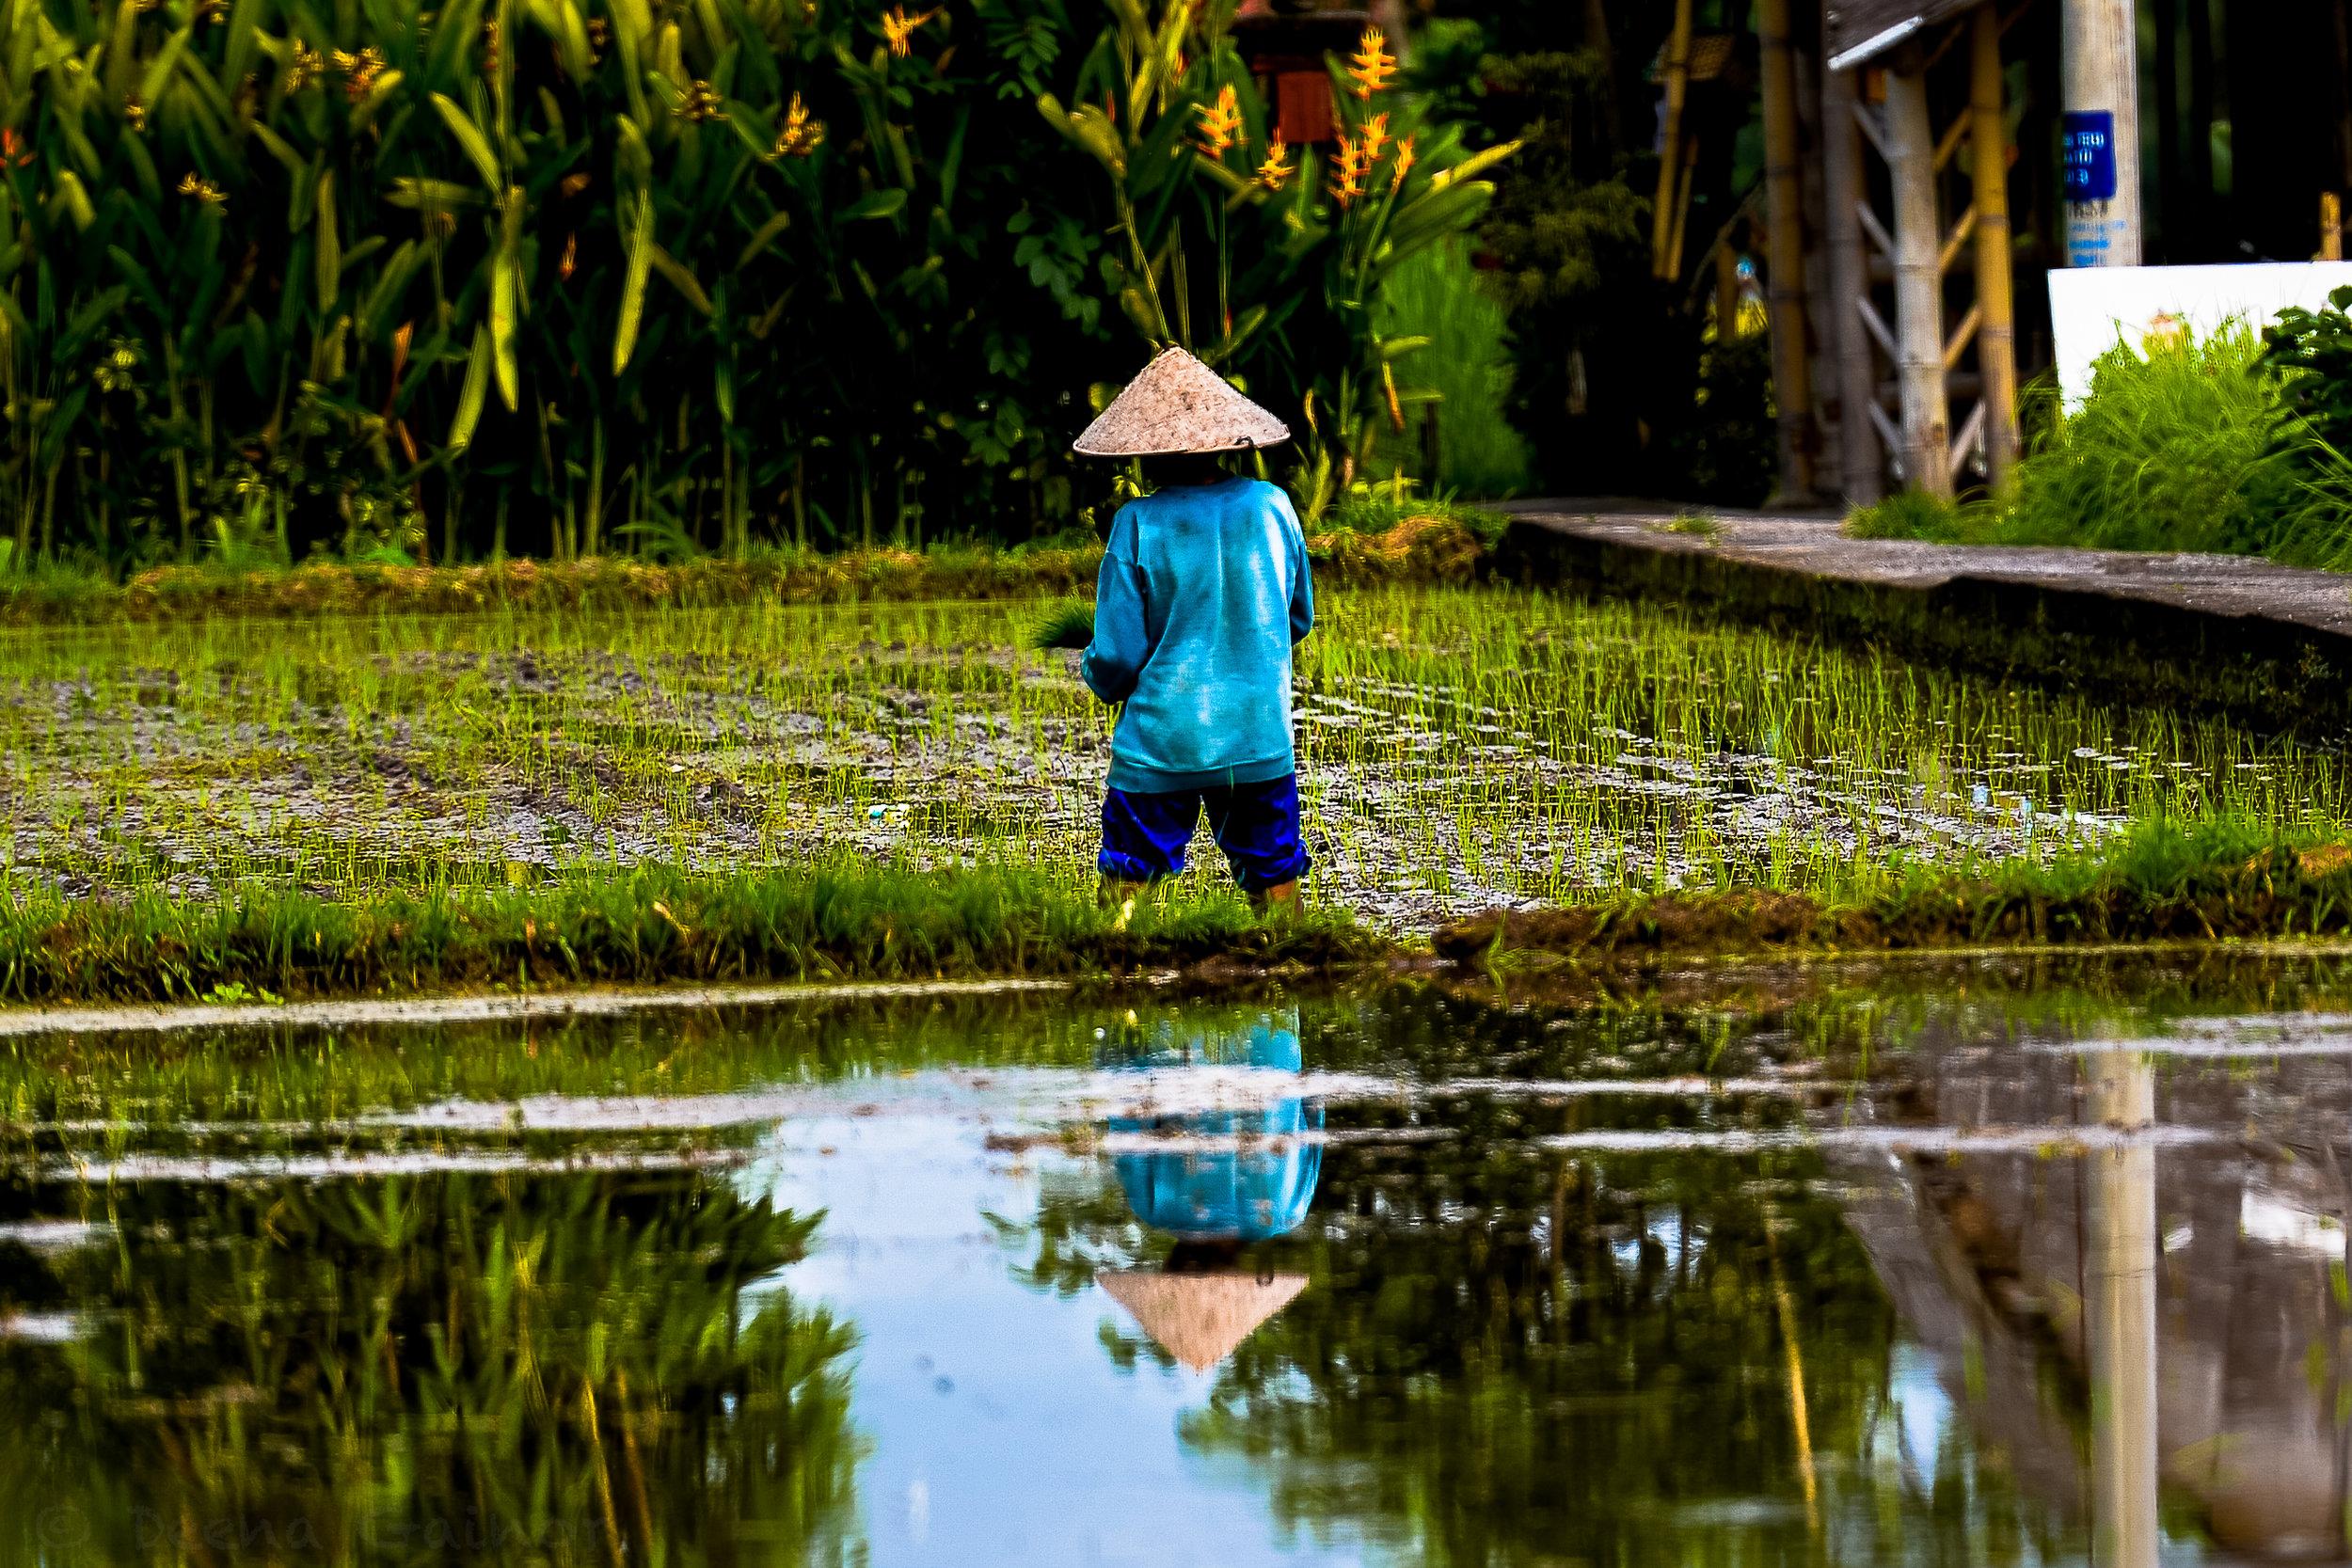 2015 Indonesia Fields wm.jpg